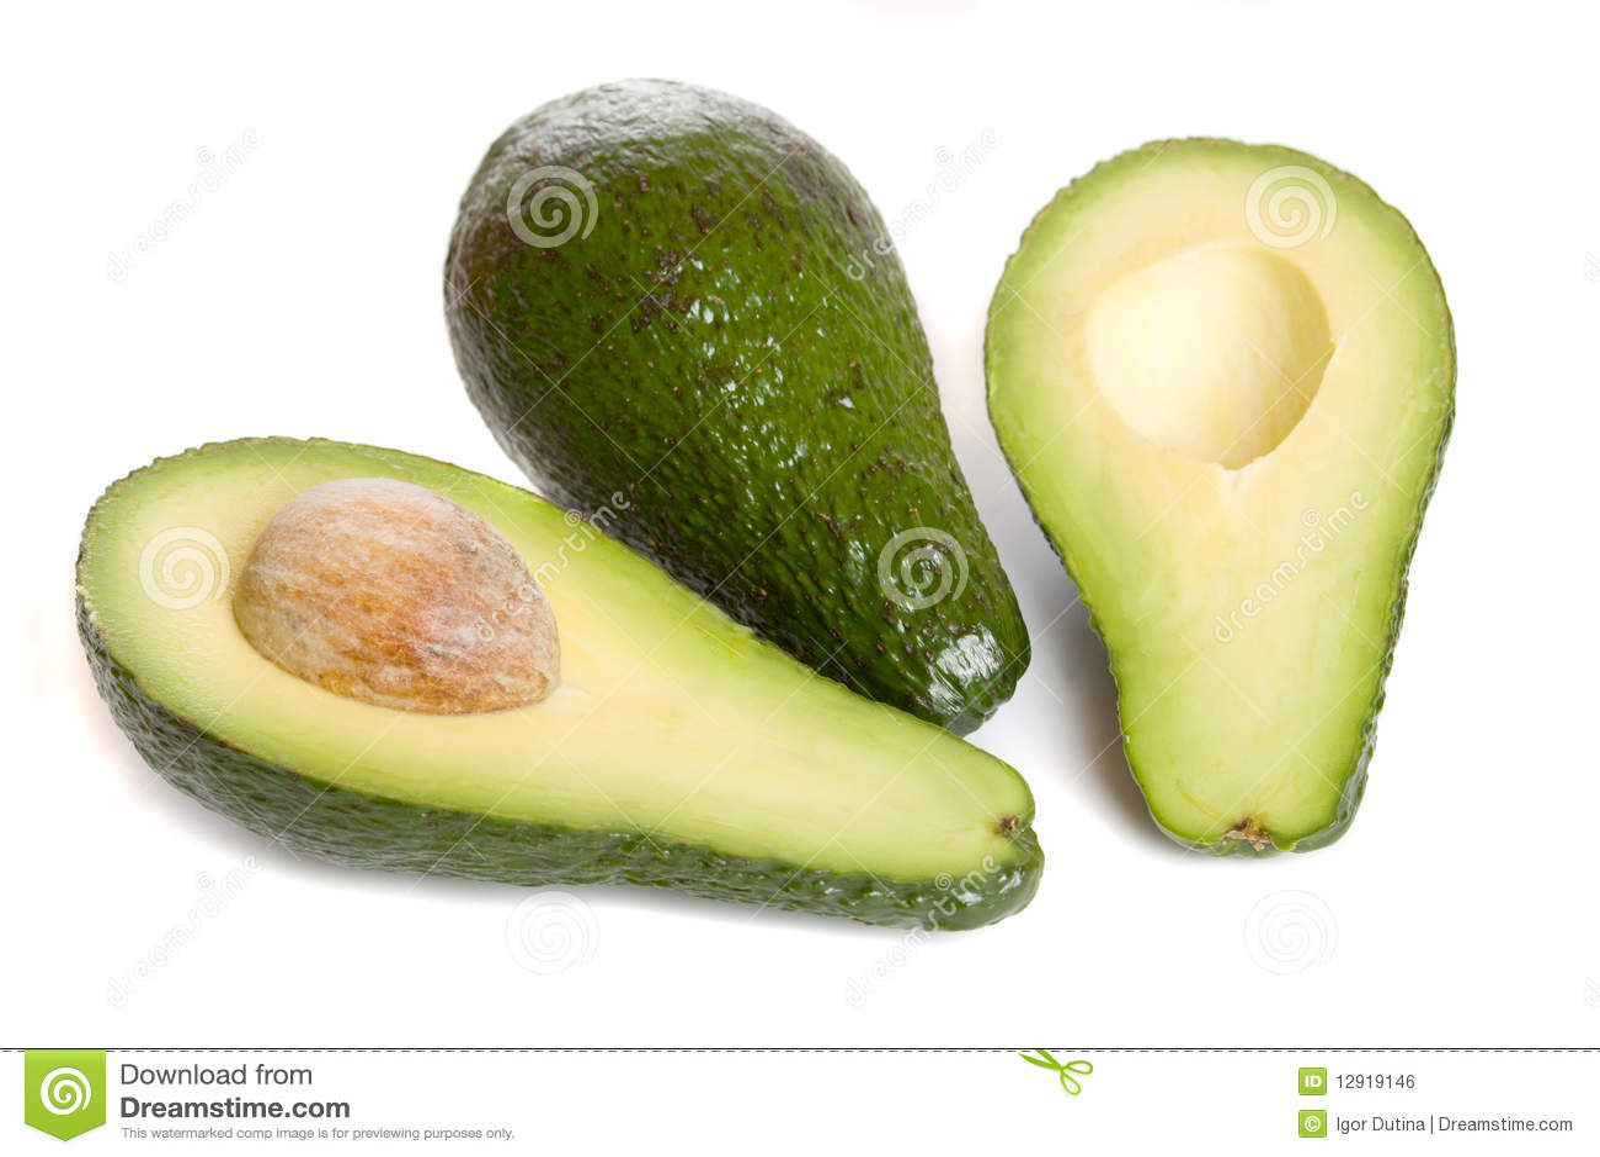 are avocados fruit pitaya fruit